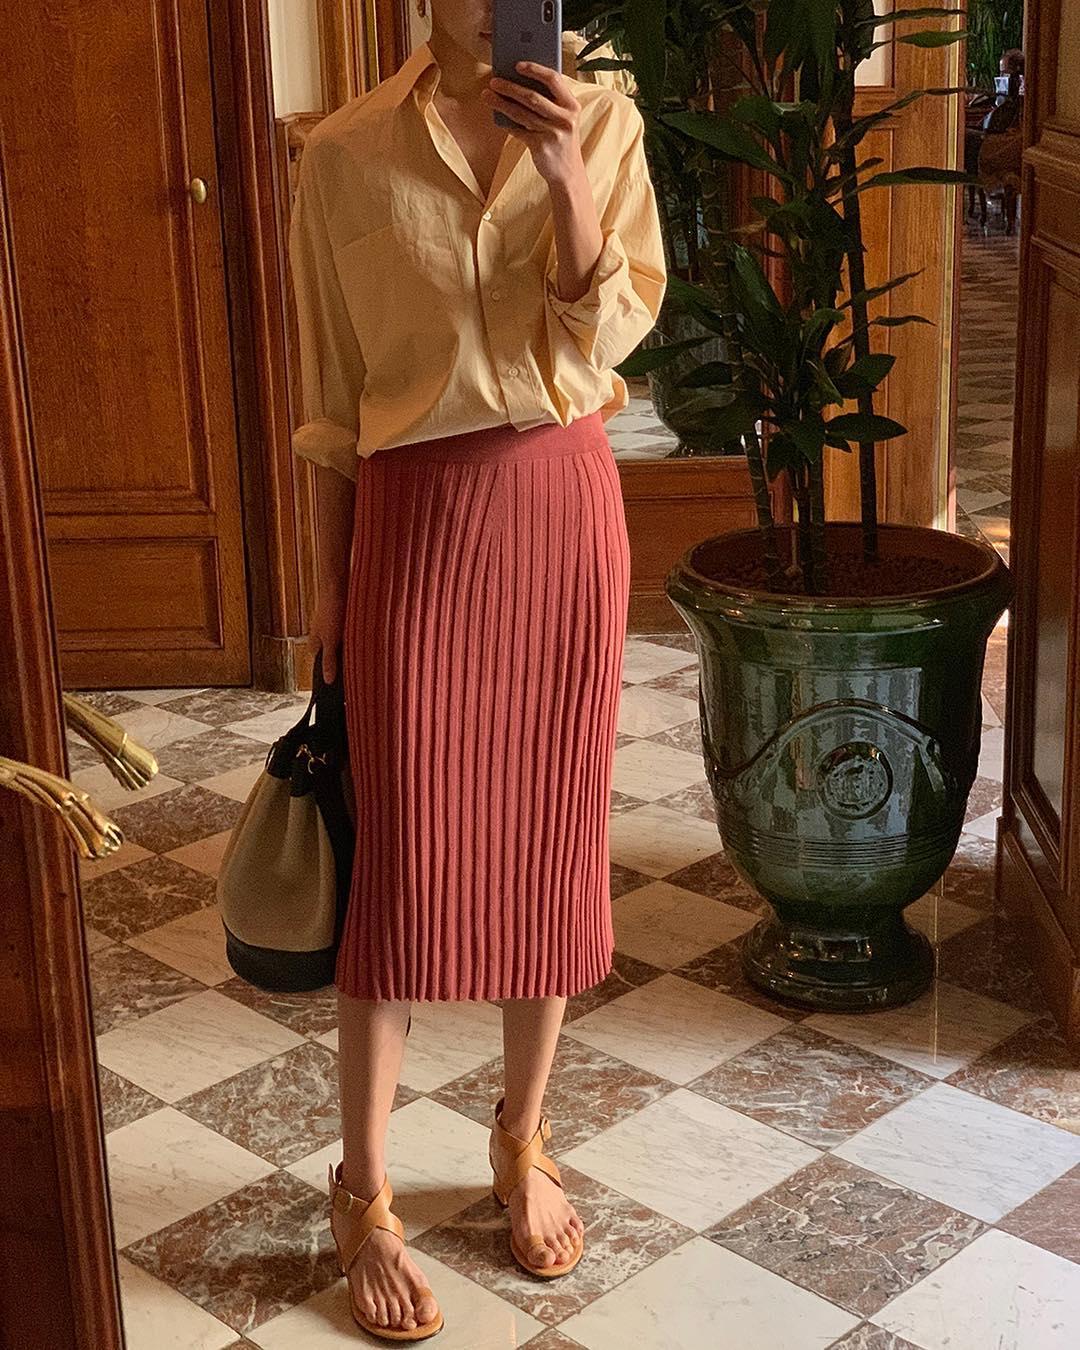 Chân váy suông màu cam đất phối cùng áo sơ mi be